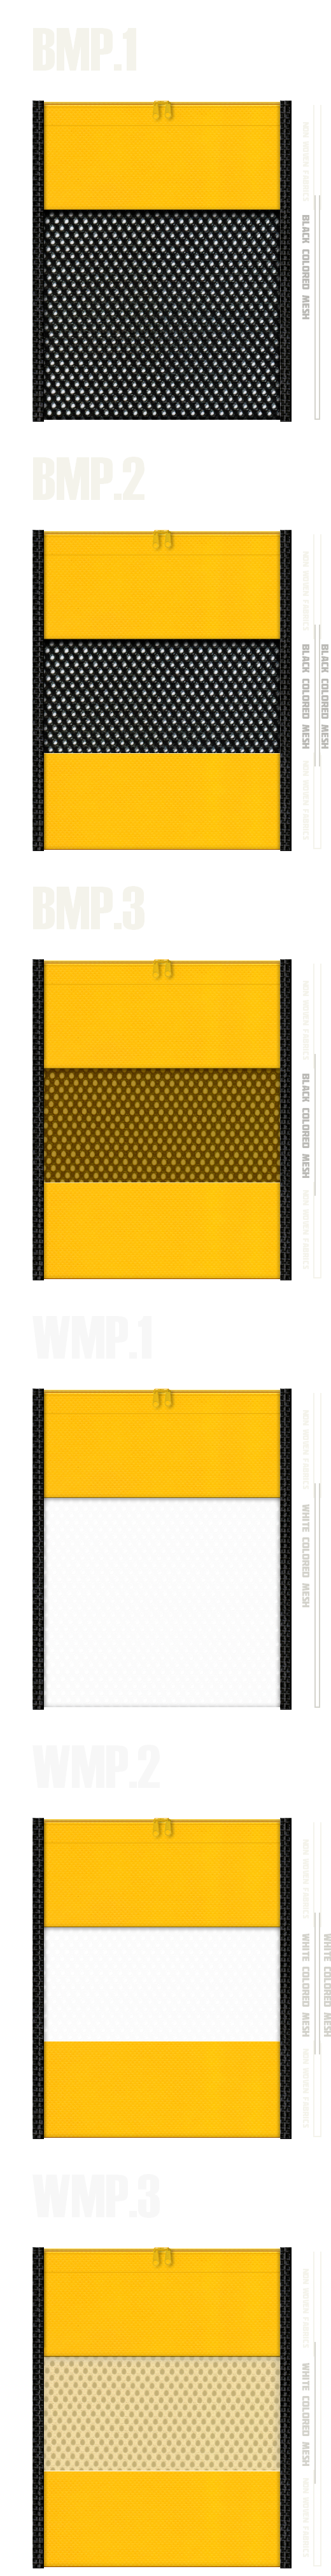 メッシュポーチのカラーシミュレーション:黒色・白色メッシュと黄色不織布の組み合わせ